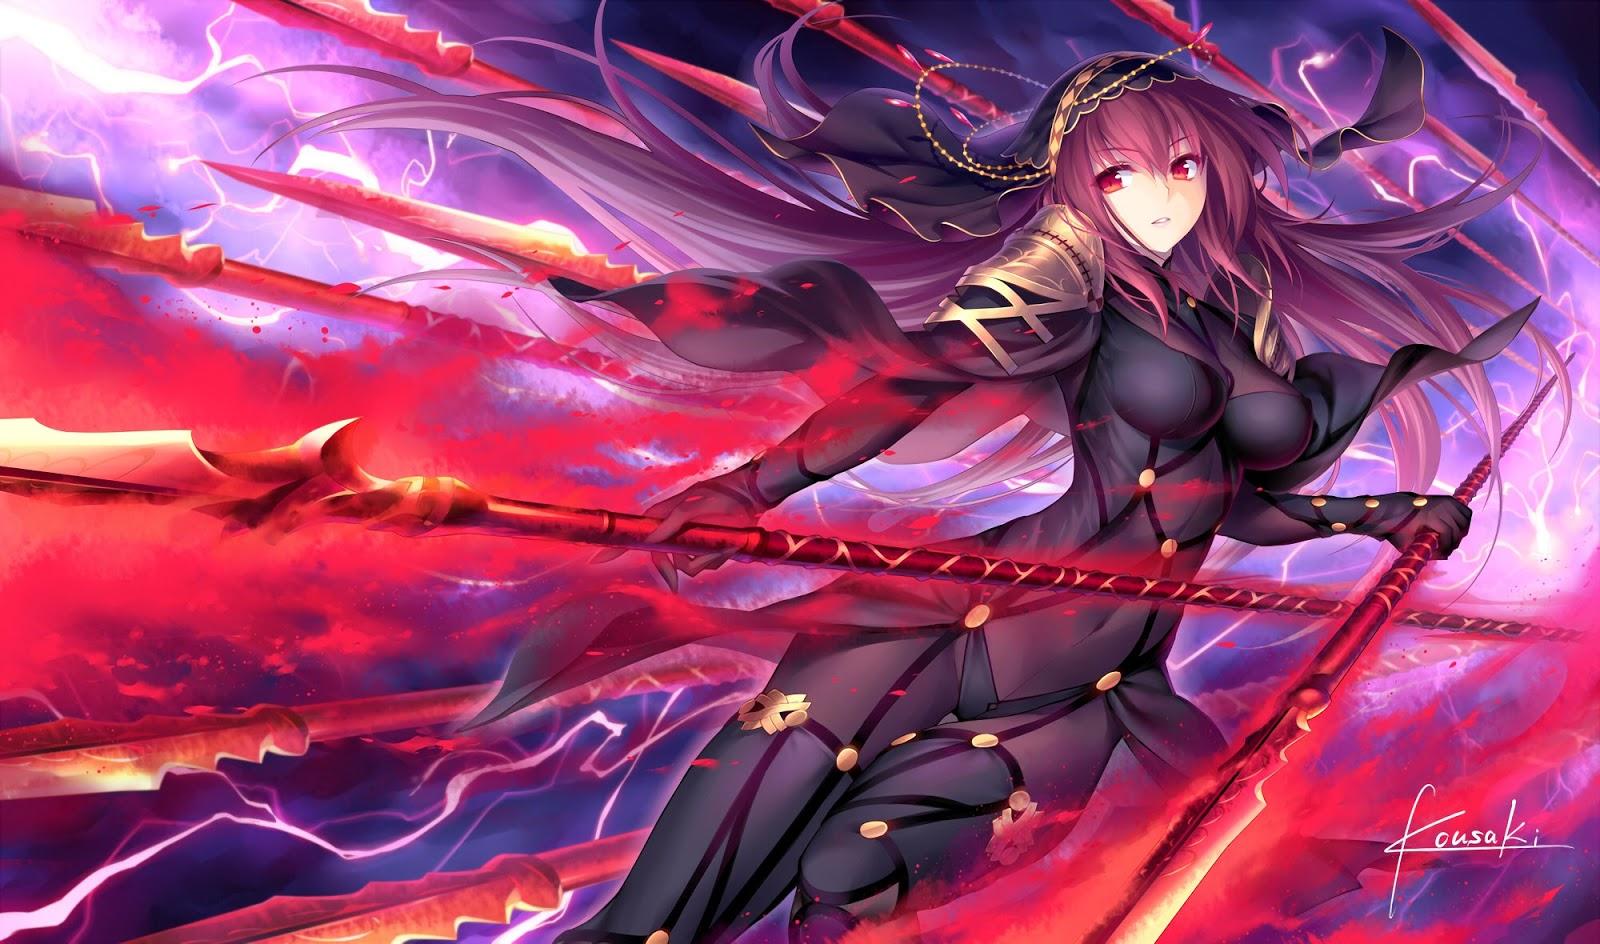 Fate AowVN%2B%252815%2529 - [ Hình Nền ] Anime Fate/GrandOrder tuyệt đẹp Full HD | Wallpaper